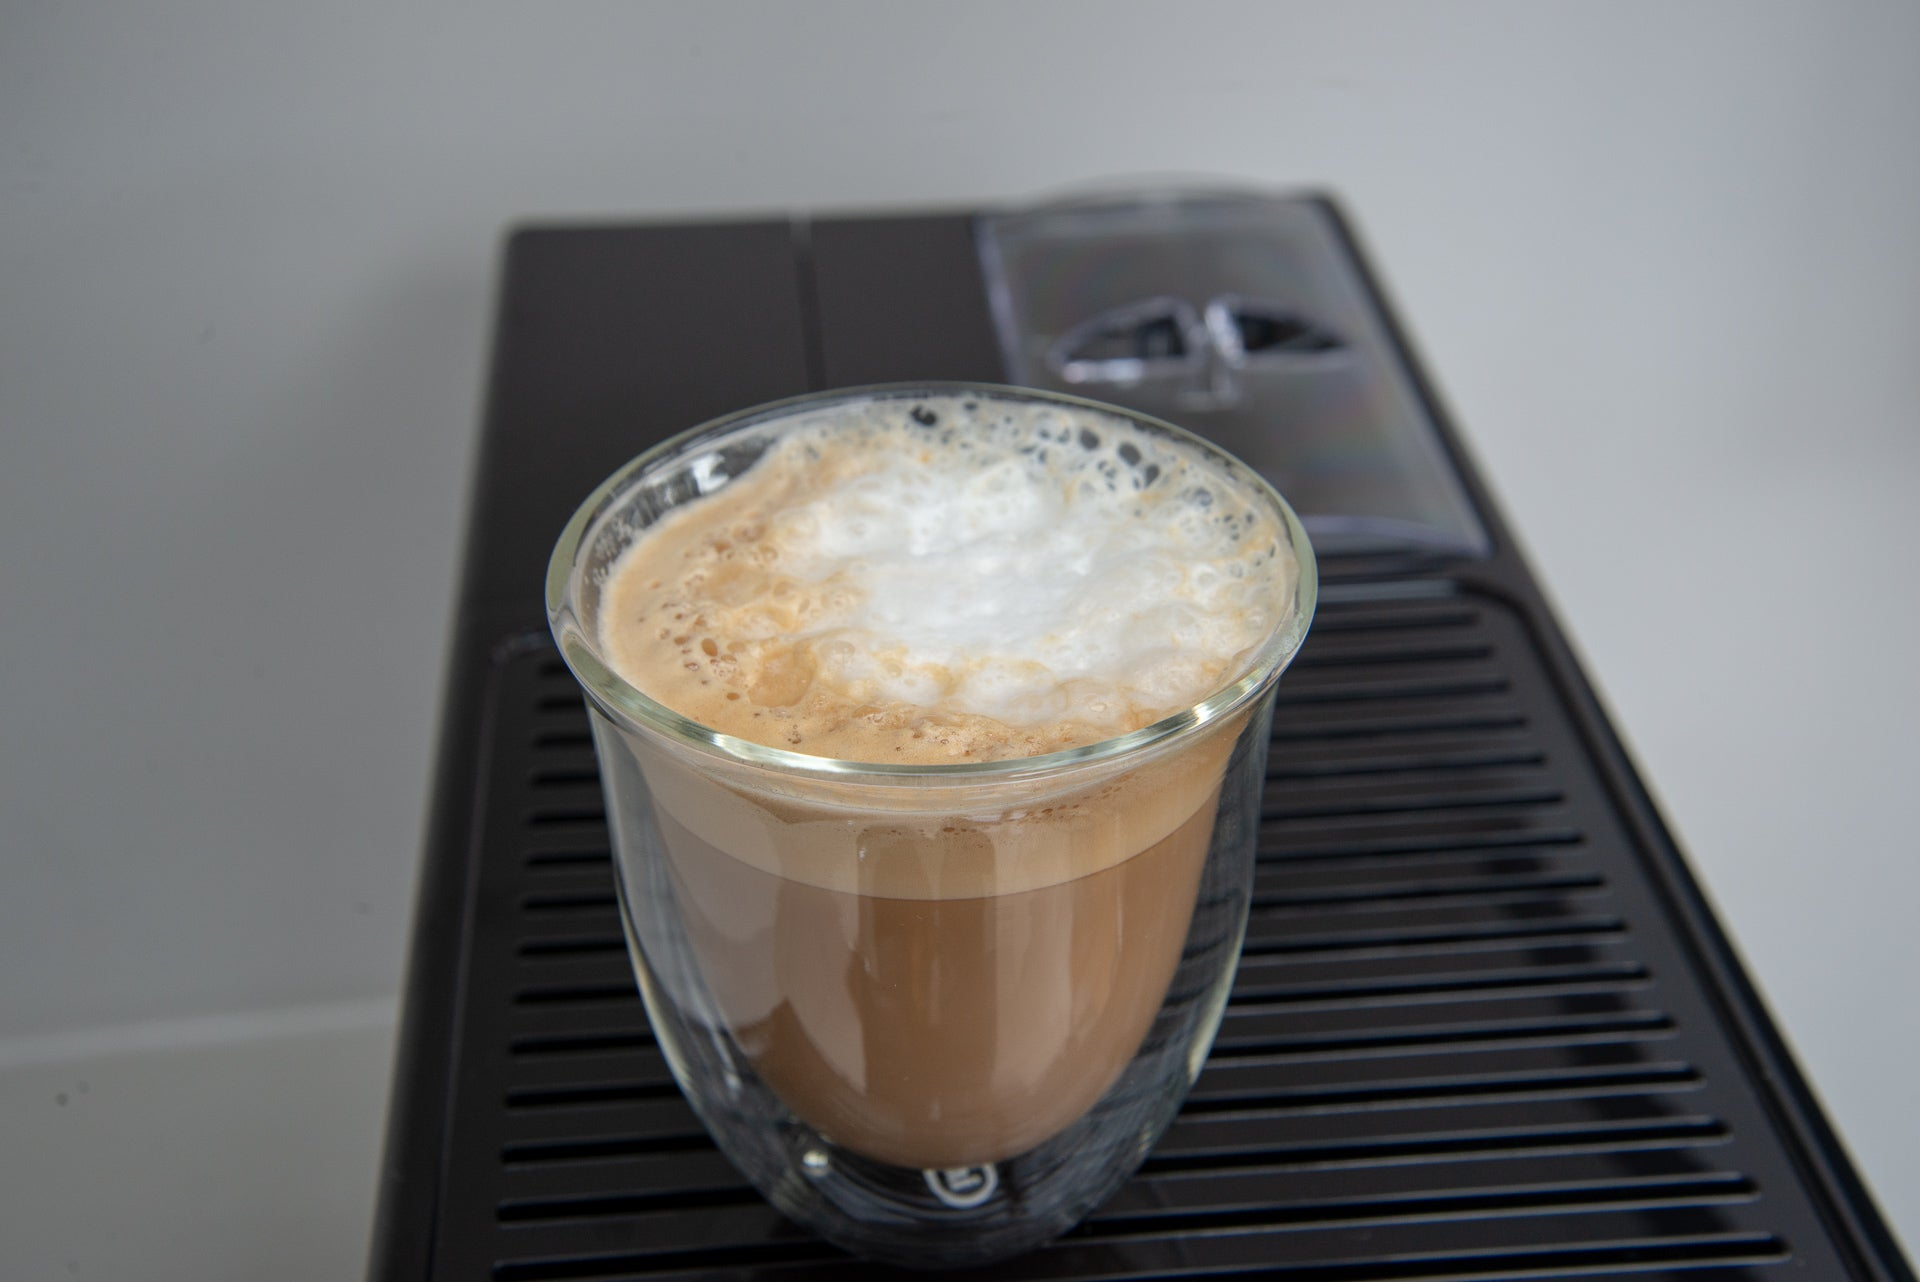 Melitta Caffeo Solo & Perfect Milk cappucino